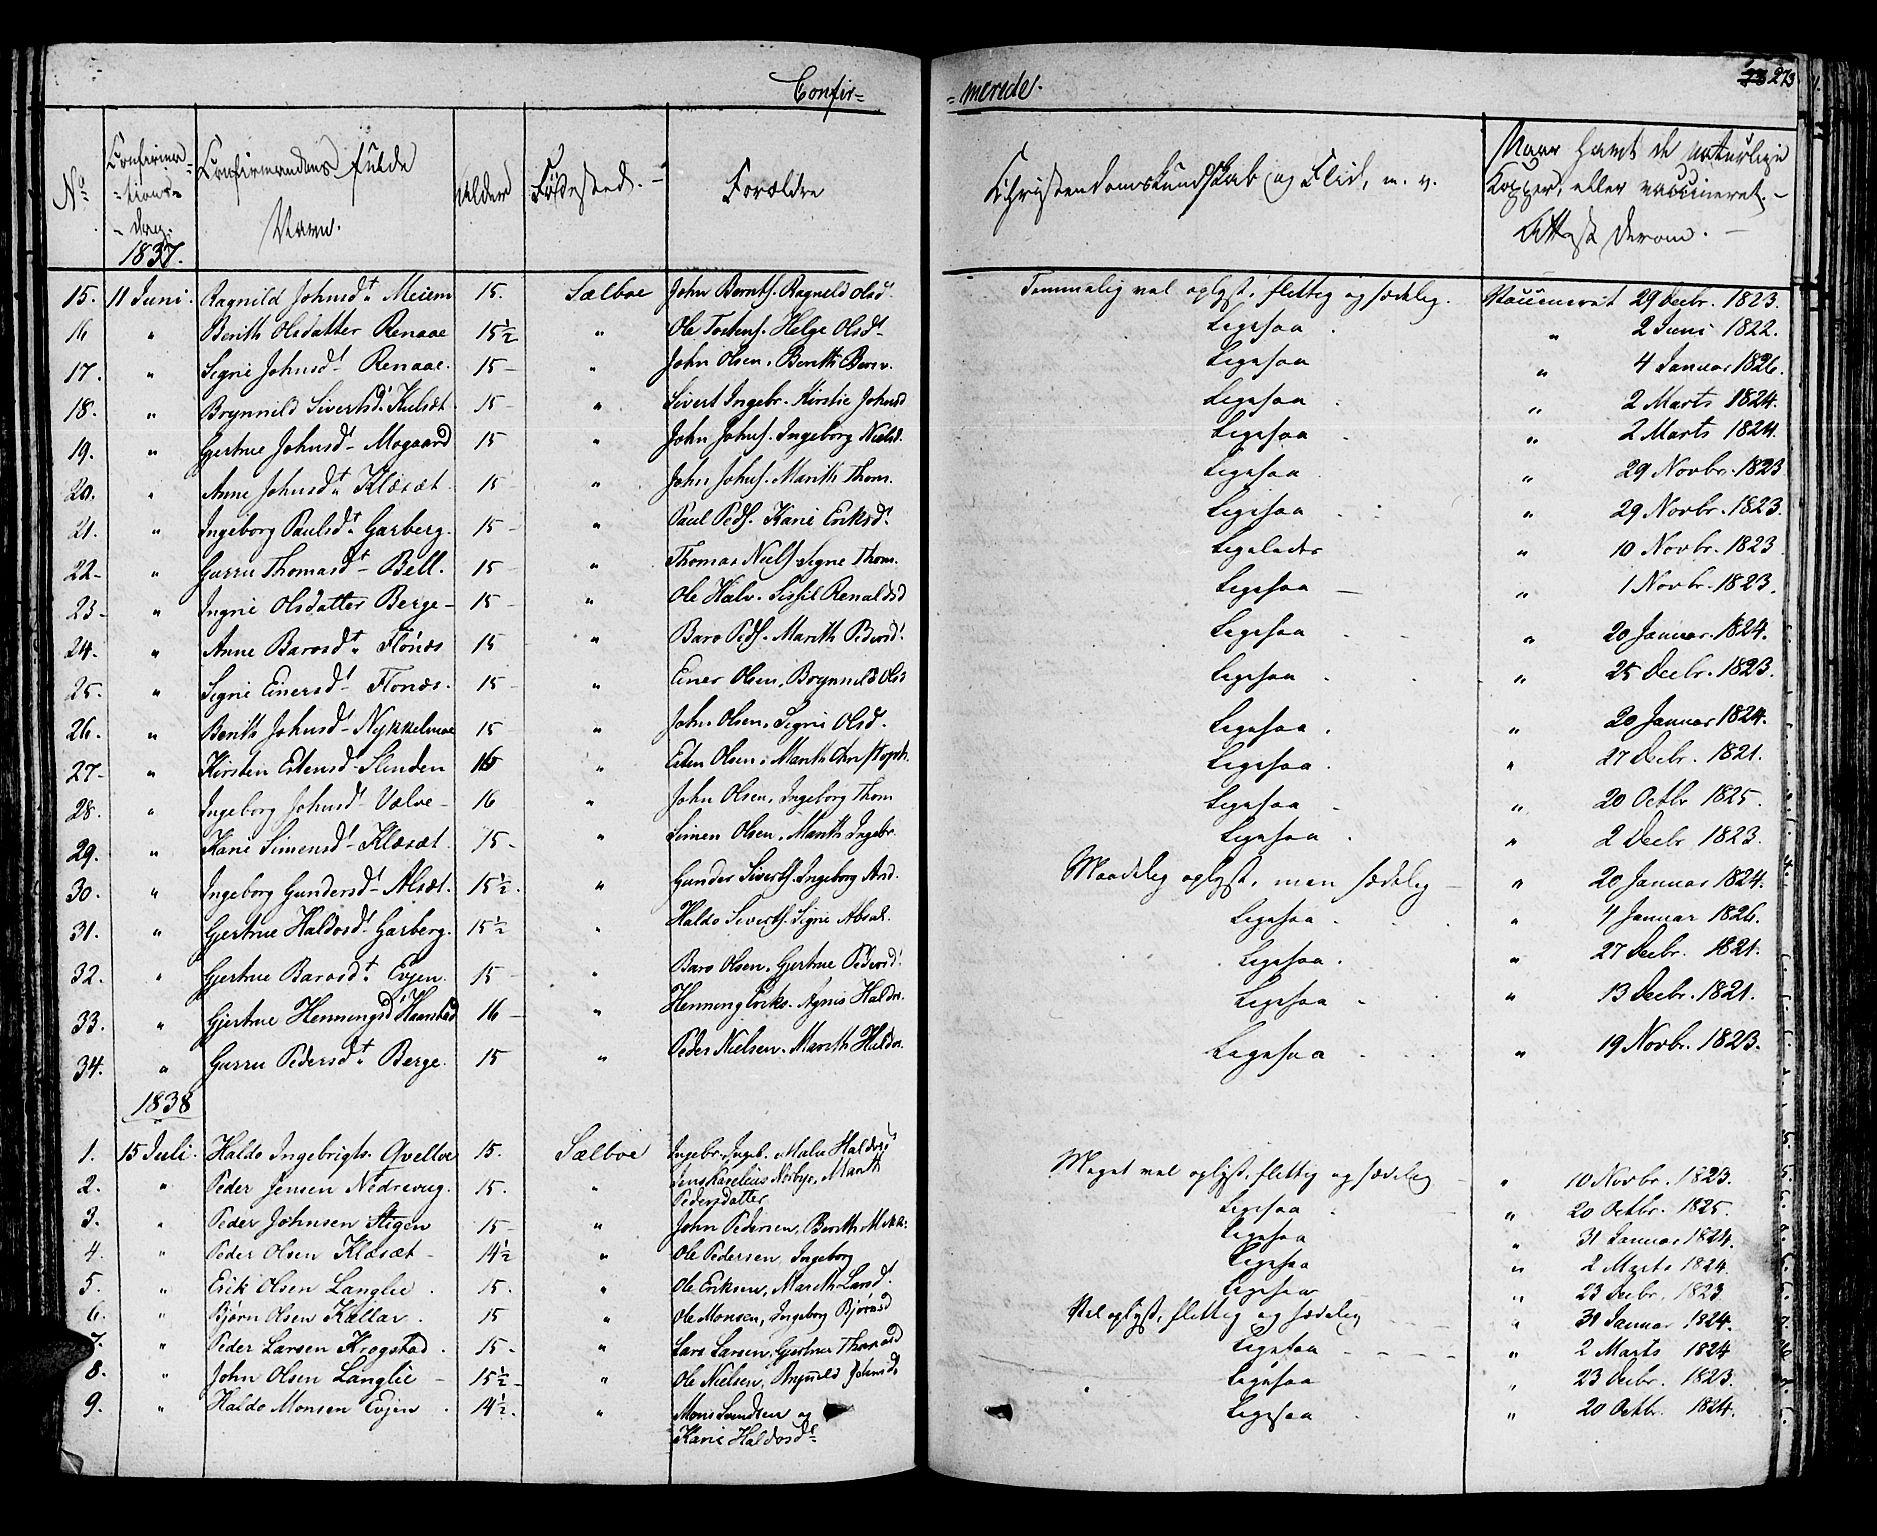 SAT, Ministerialprotokoller, klokkerbøker og fødselsregistre - Sør-Trøndelag, 695/L1143: Ministerialbok nr. 695A05 /1, 1824-1842, s. 273